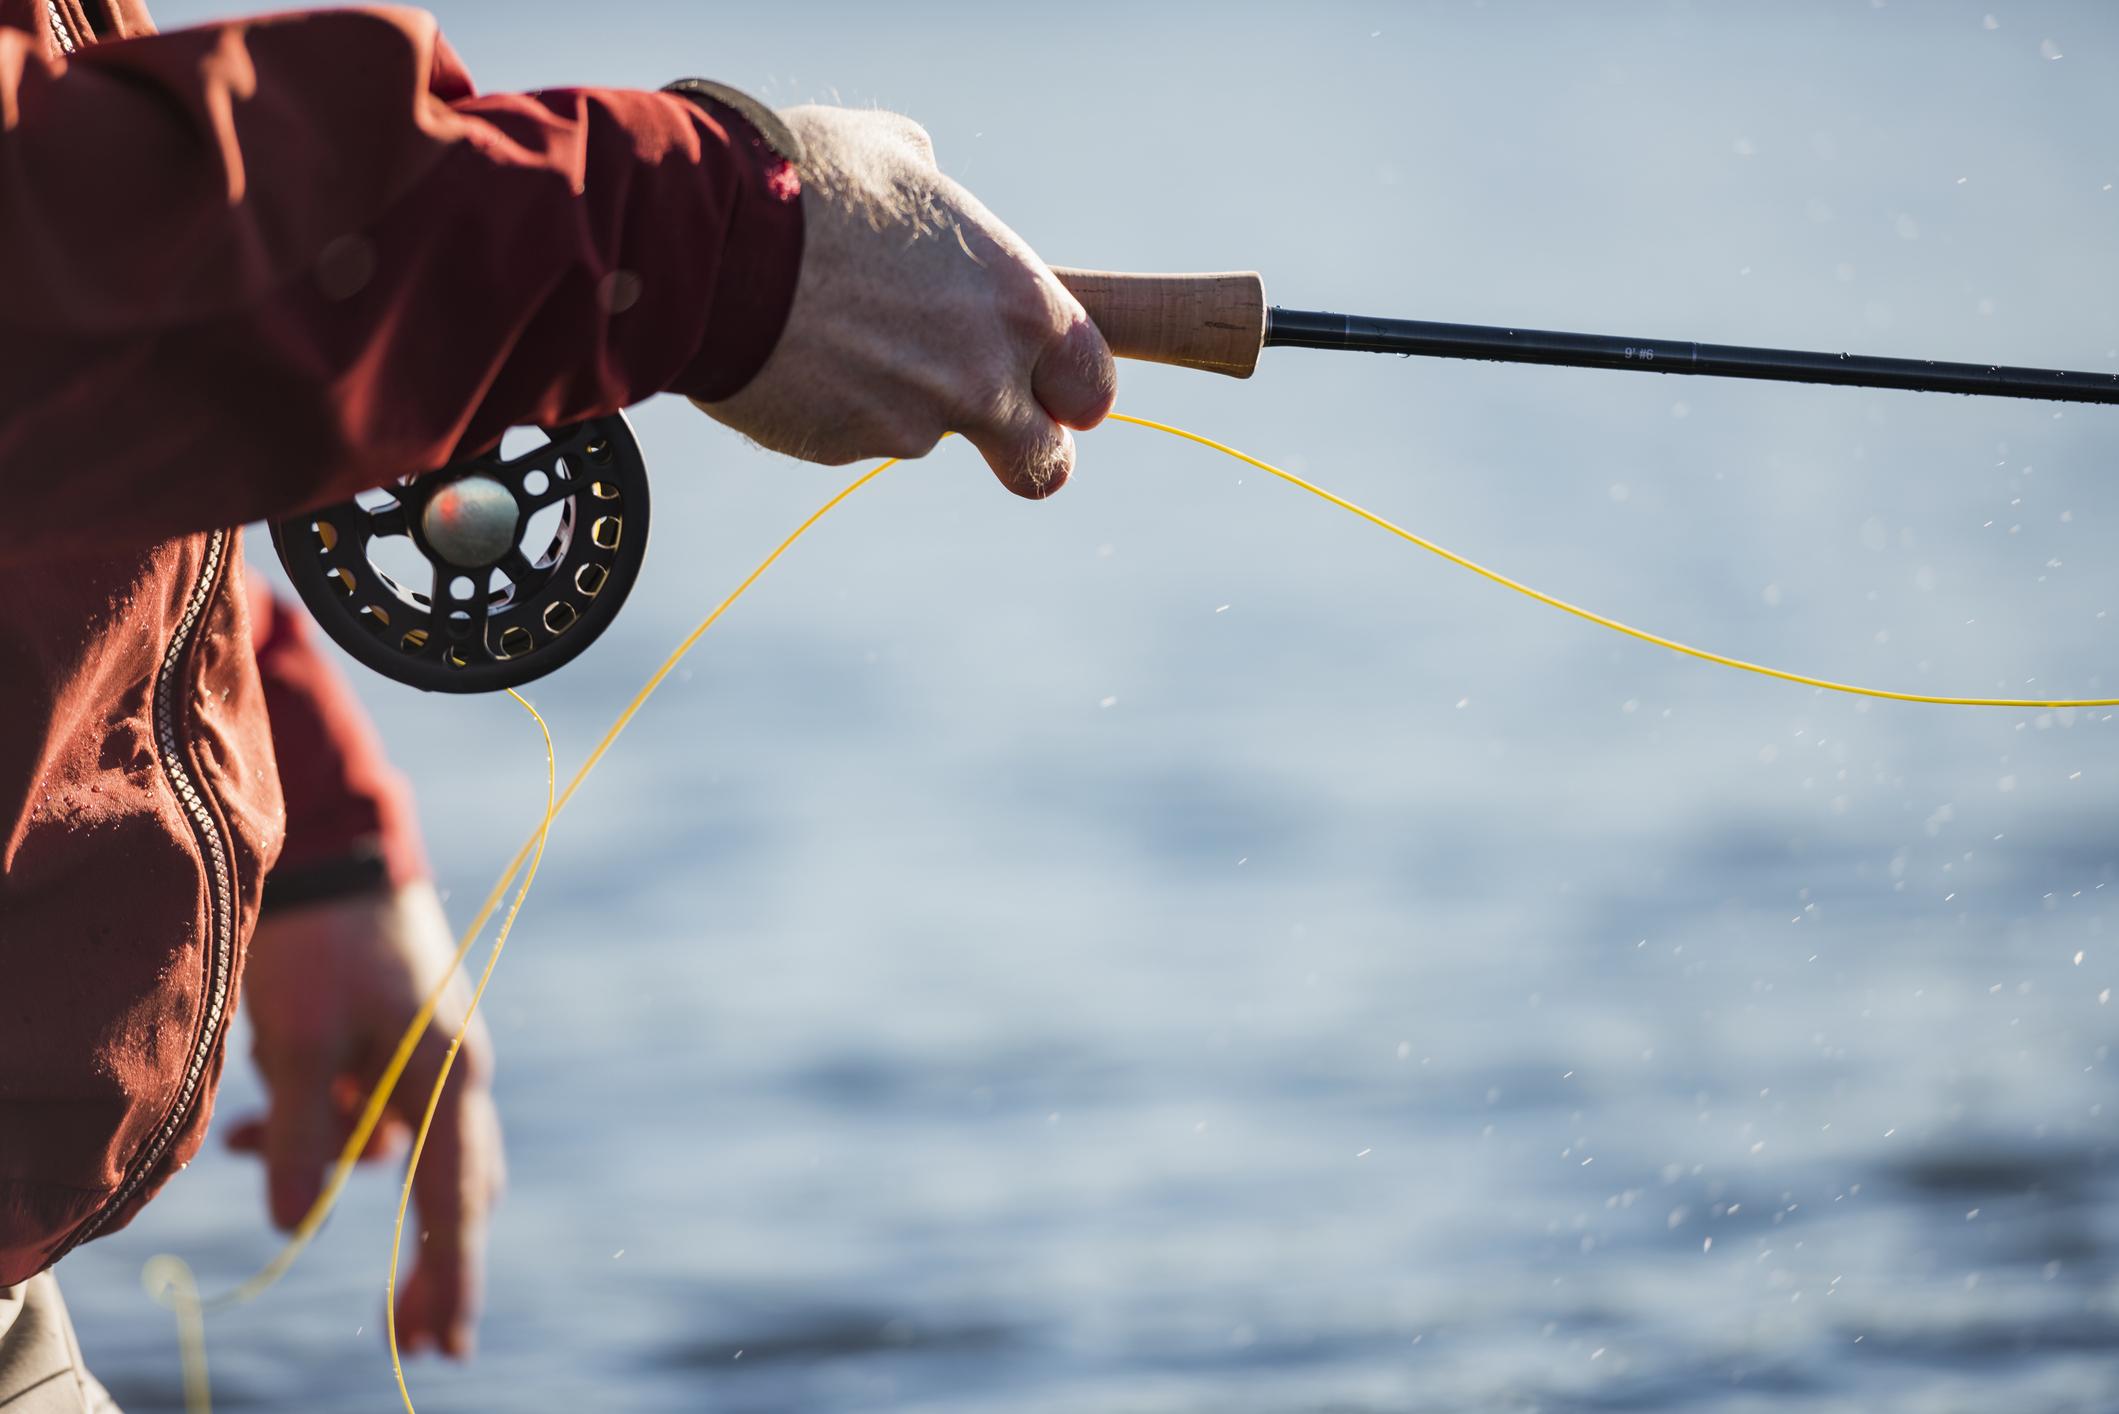 338452b422 Viszont ha csak most ismerkedsz a horgászvilággal, akkor nem árt először  felkészülni: informálódni, szétnézni a piacon és beszerezni a megfelelő  cuccokat.